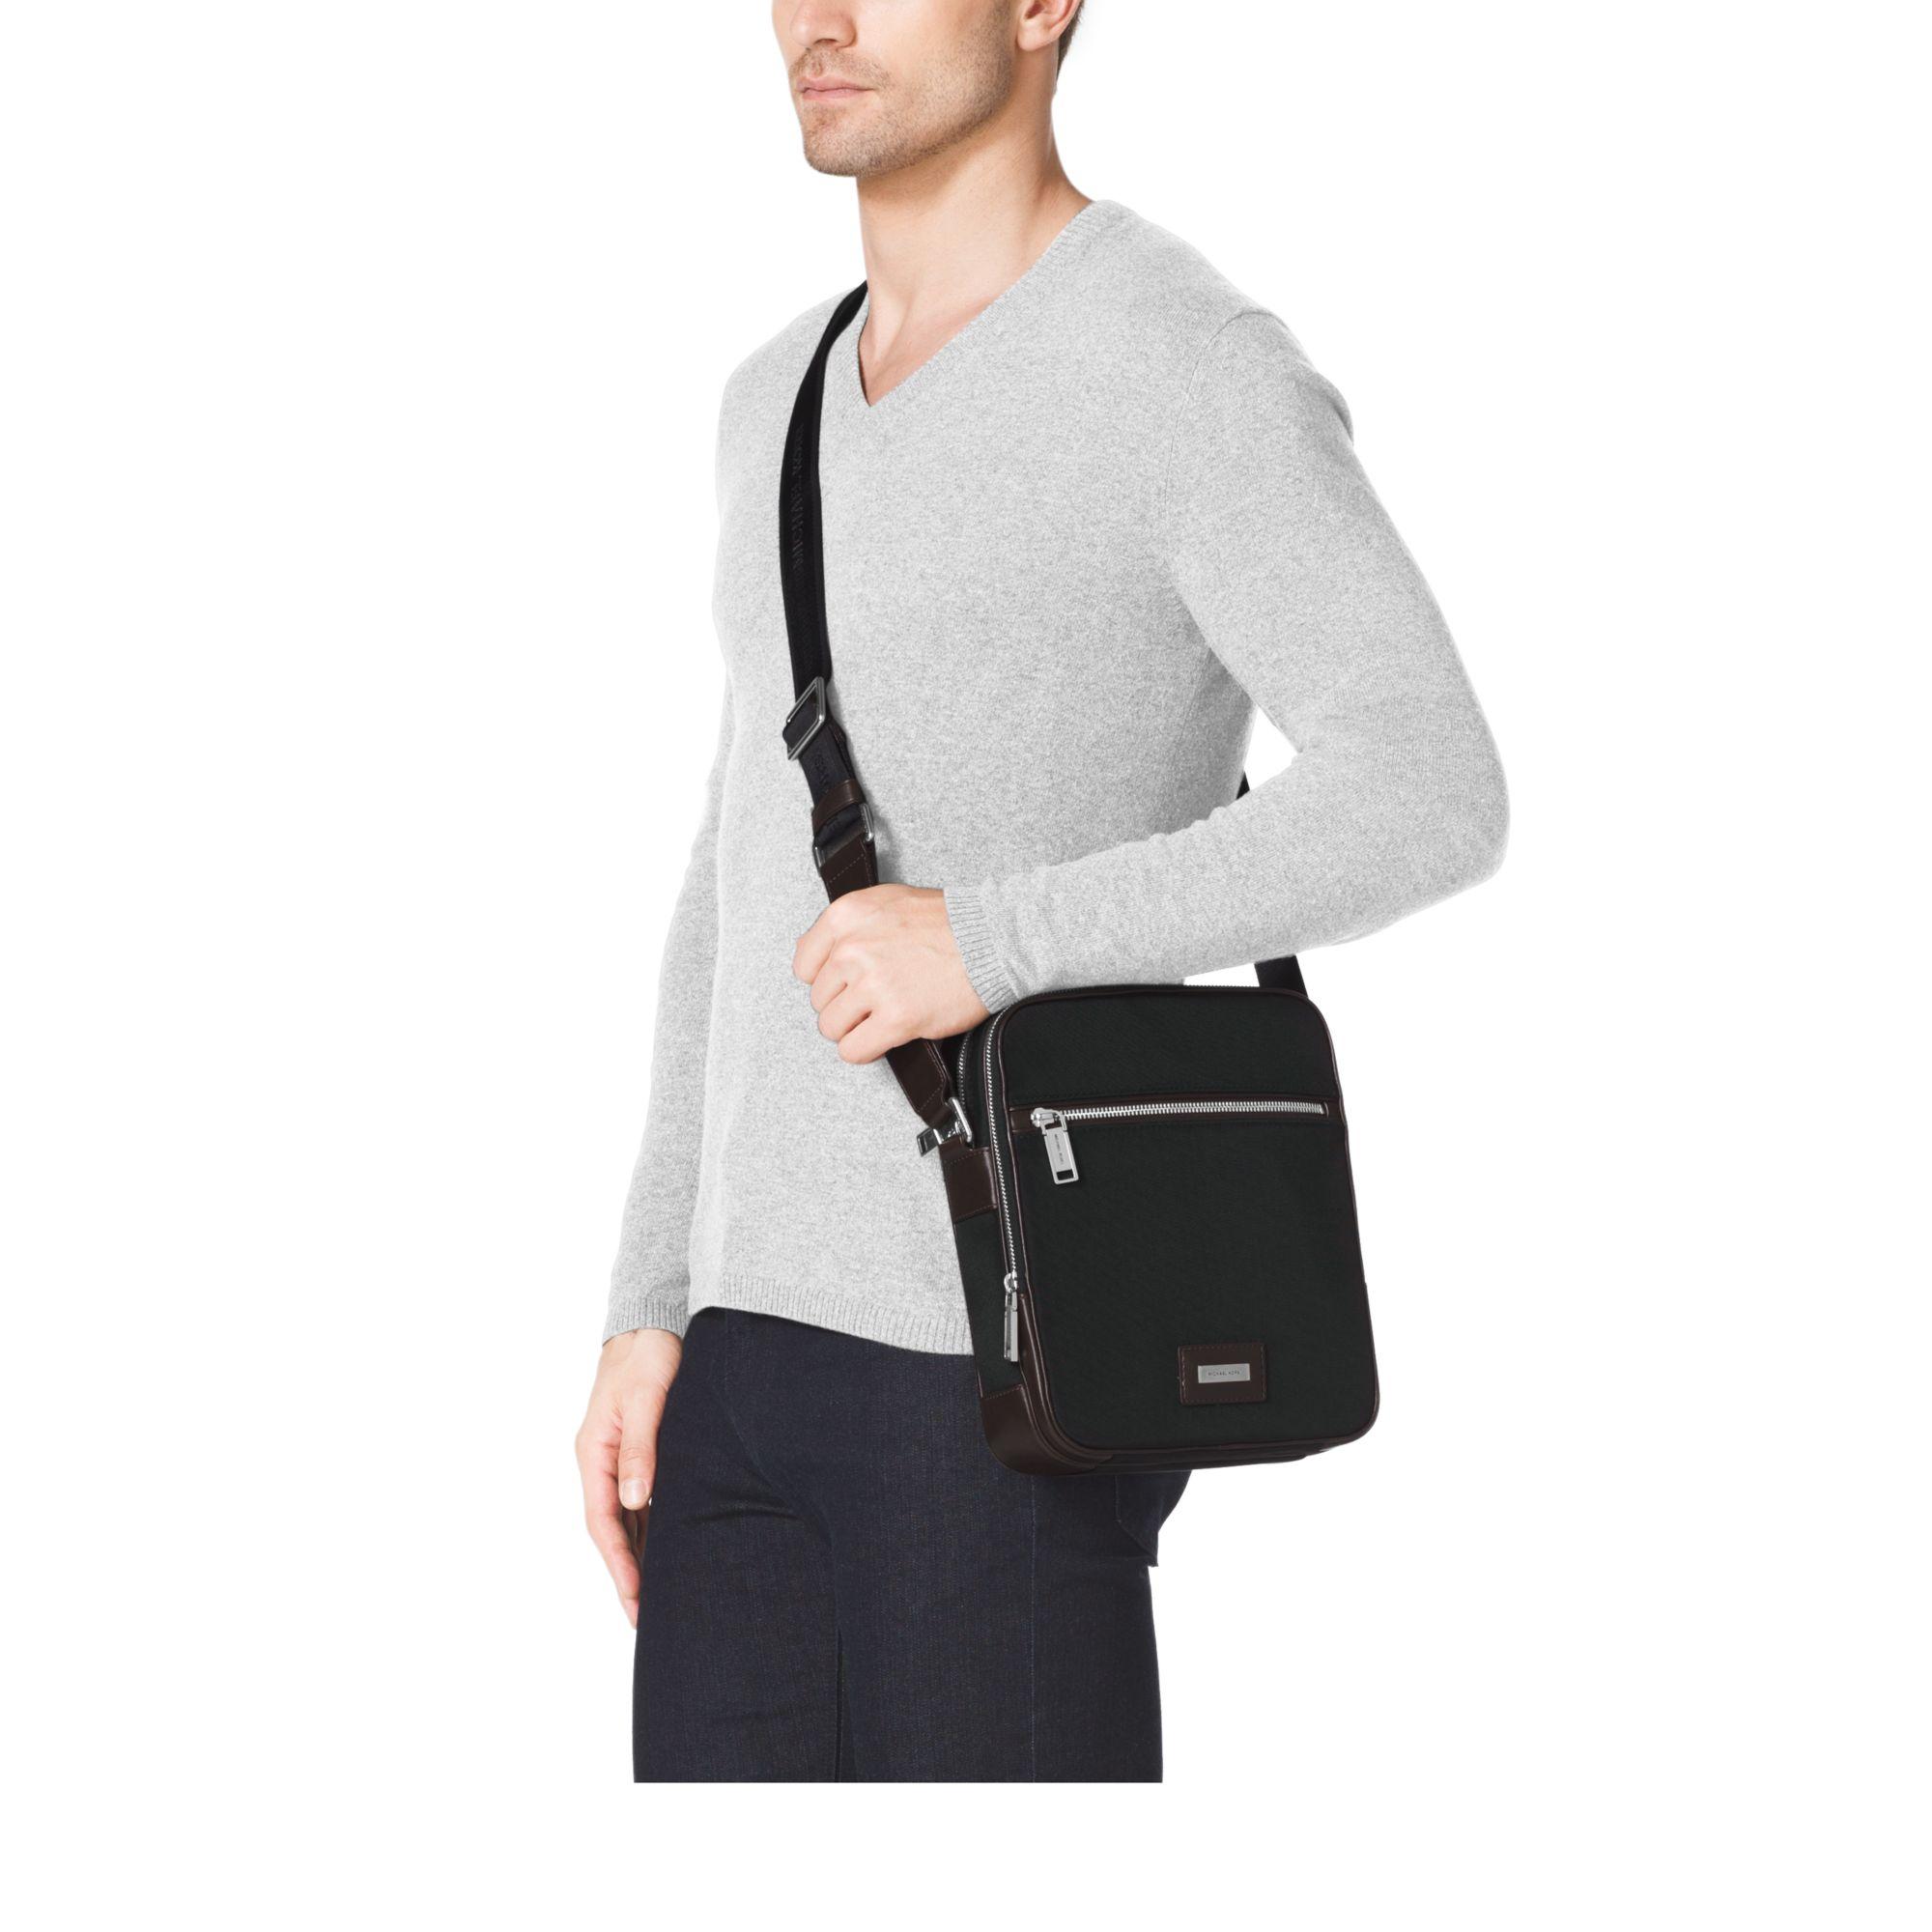 0c74671f42d5 Michael Kors Windsor Nylon Crossbody Bag in Black for Men - Lyst